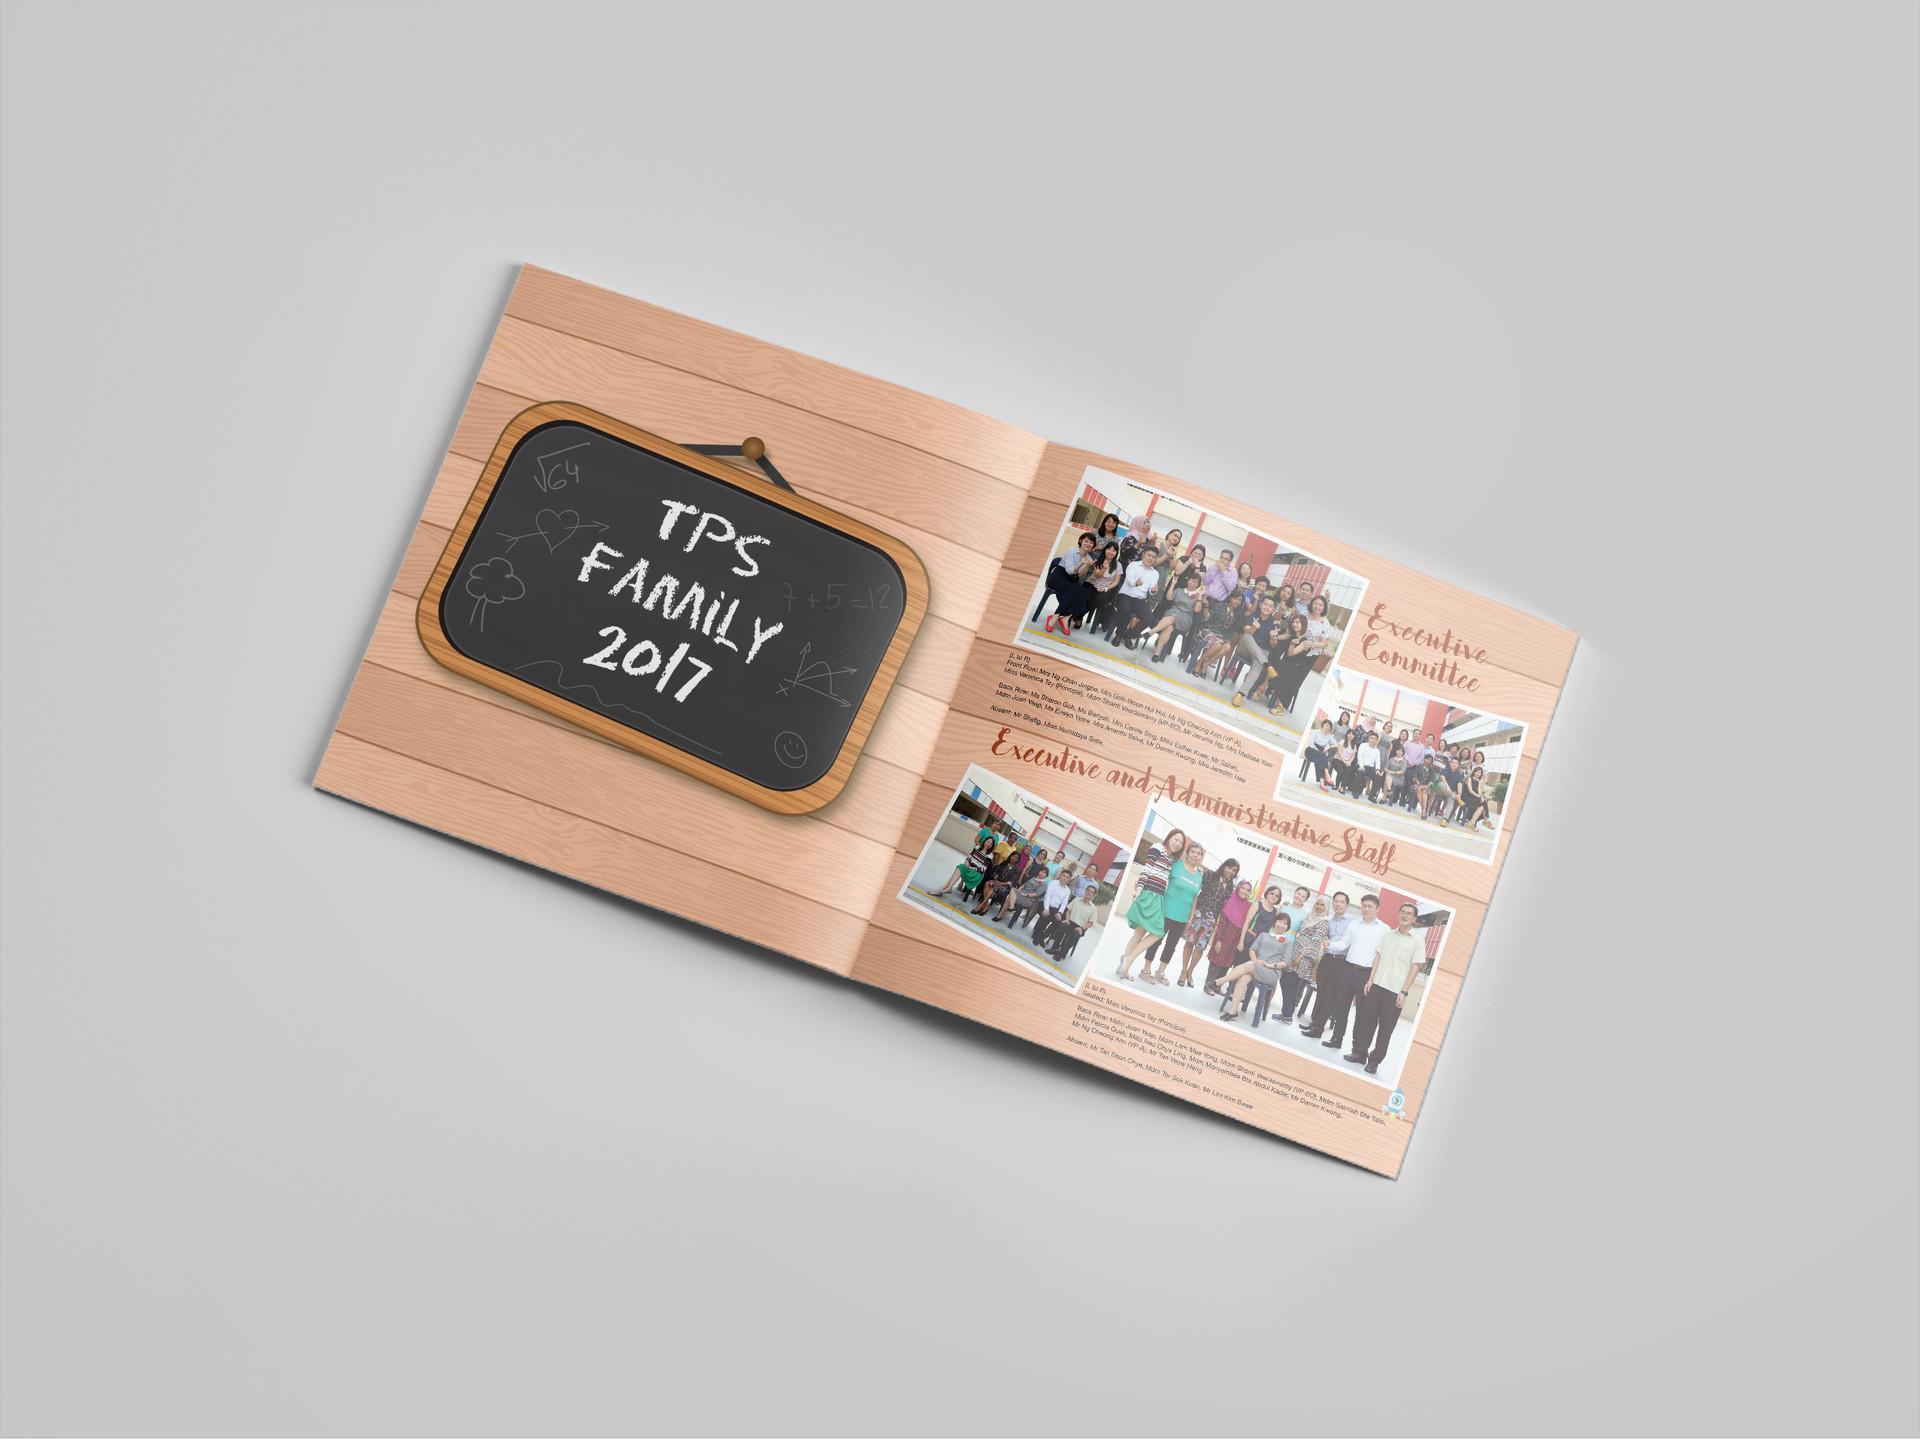 Tampines Primary School Yearbook Content